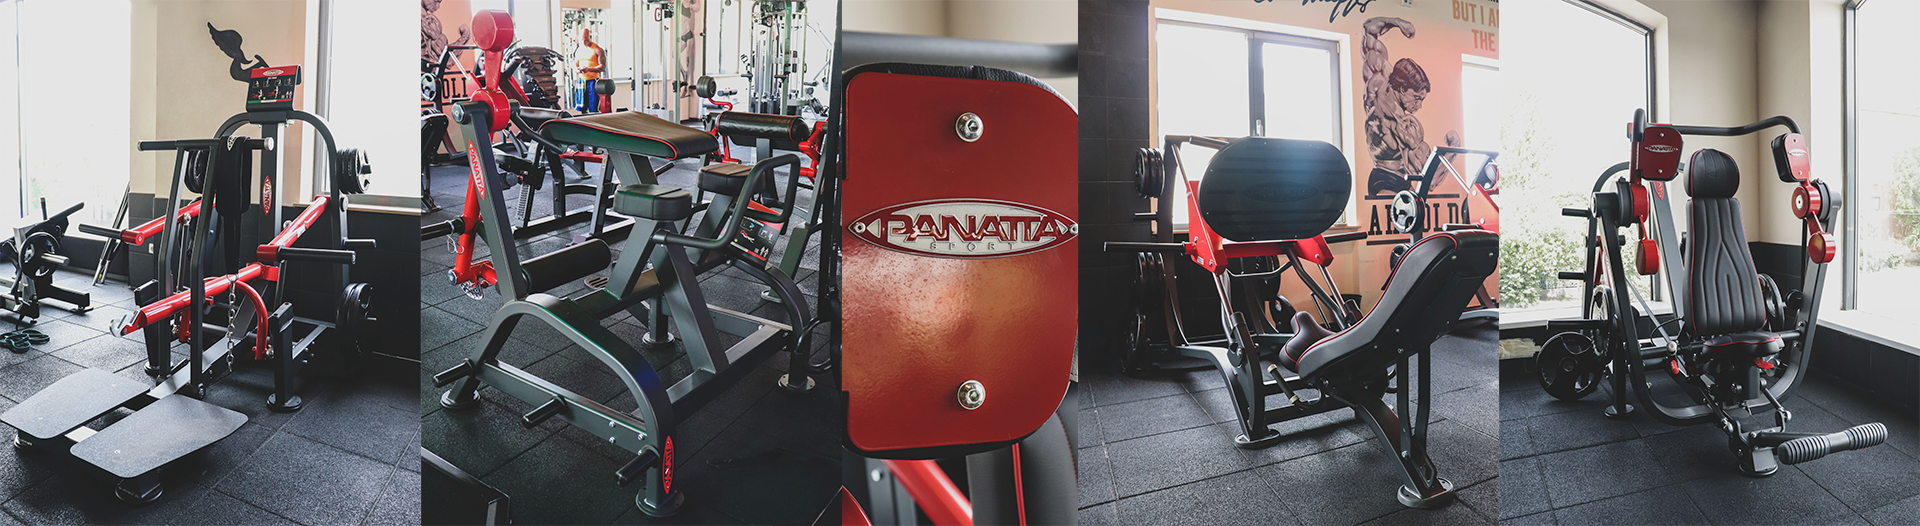 Új Panatta gépek érkeztek az SXL Fitness Fogarasiba!